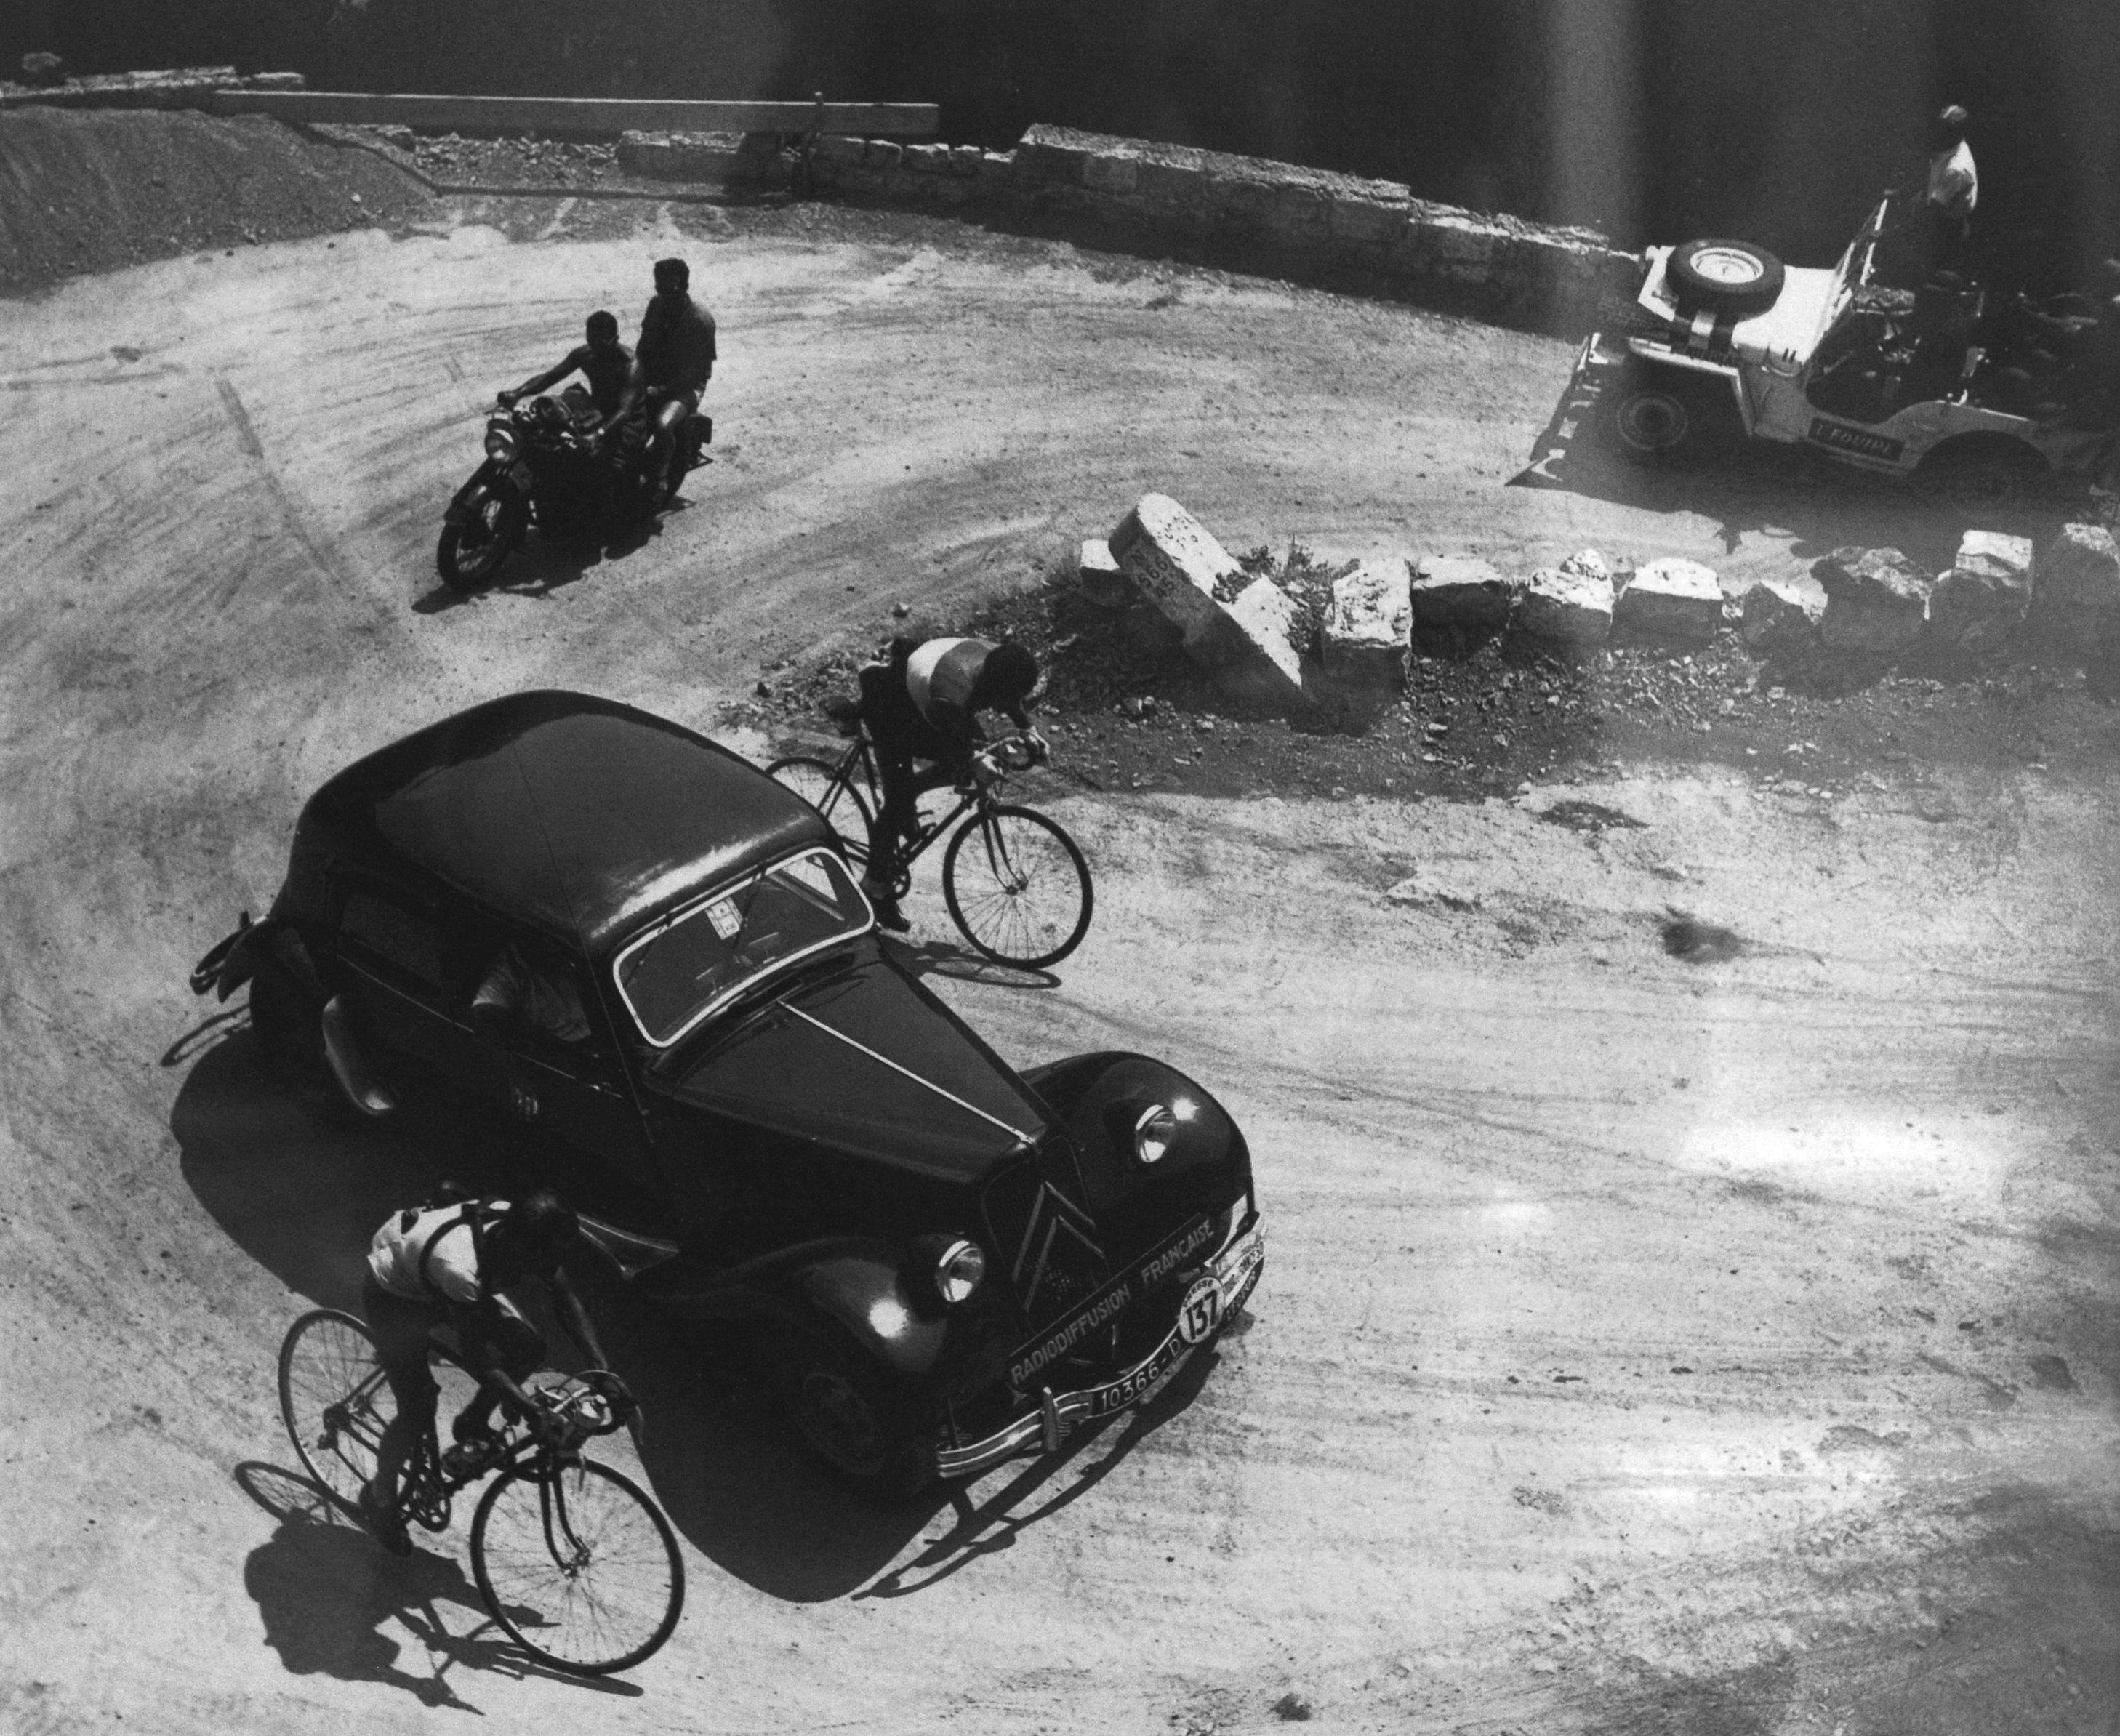 Tour de France 1950.  16^Tappa, 30 luglio.  Menton > Nizza. Col de Turini. Jean Robic (1921-1980) e Louison Bobet (1925-1983)